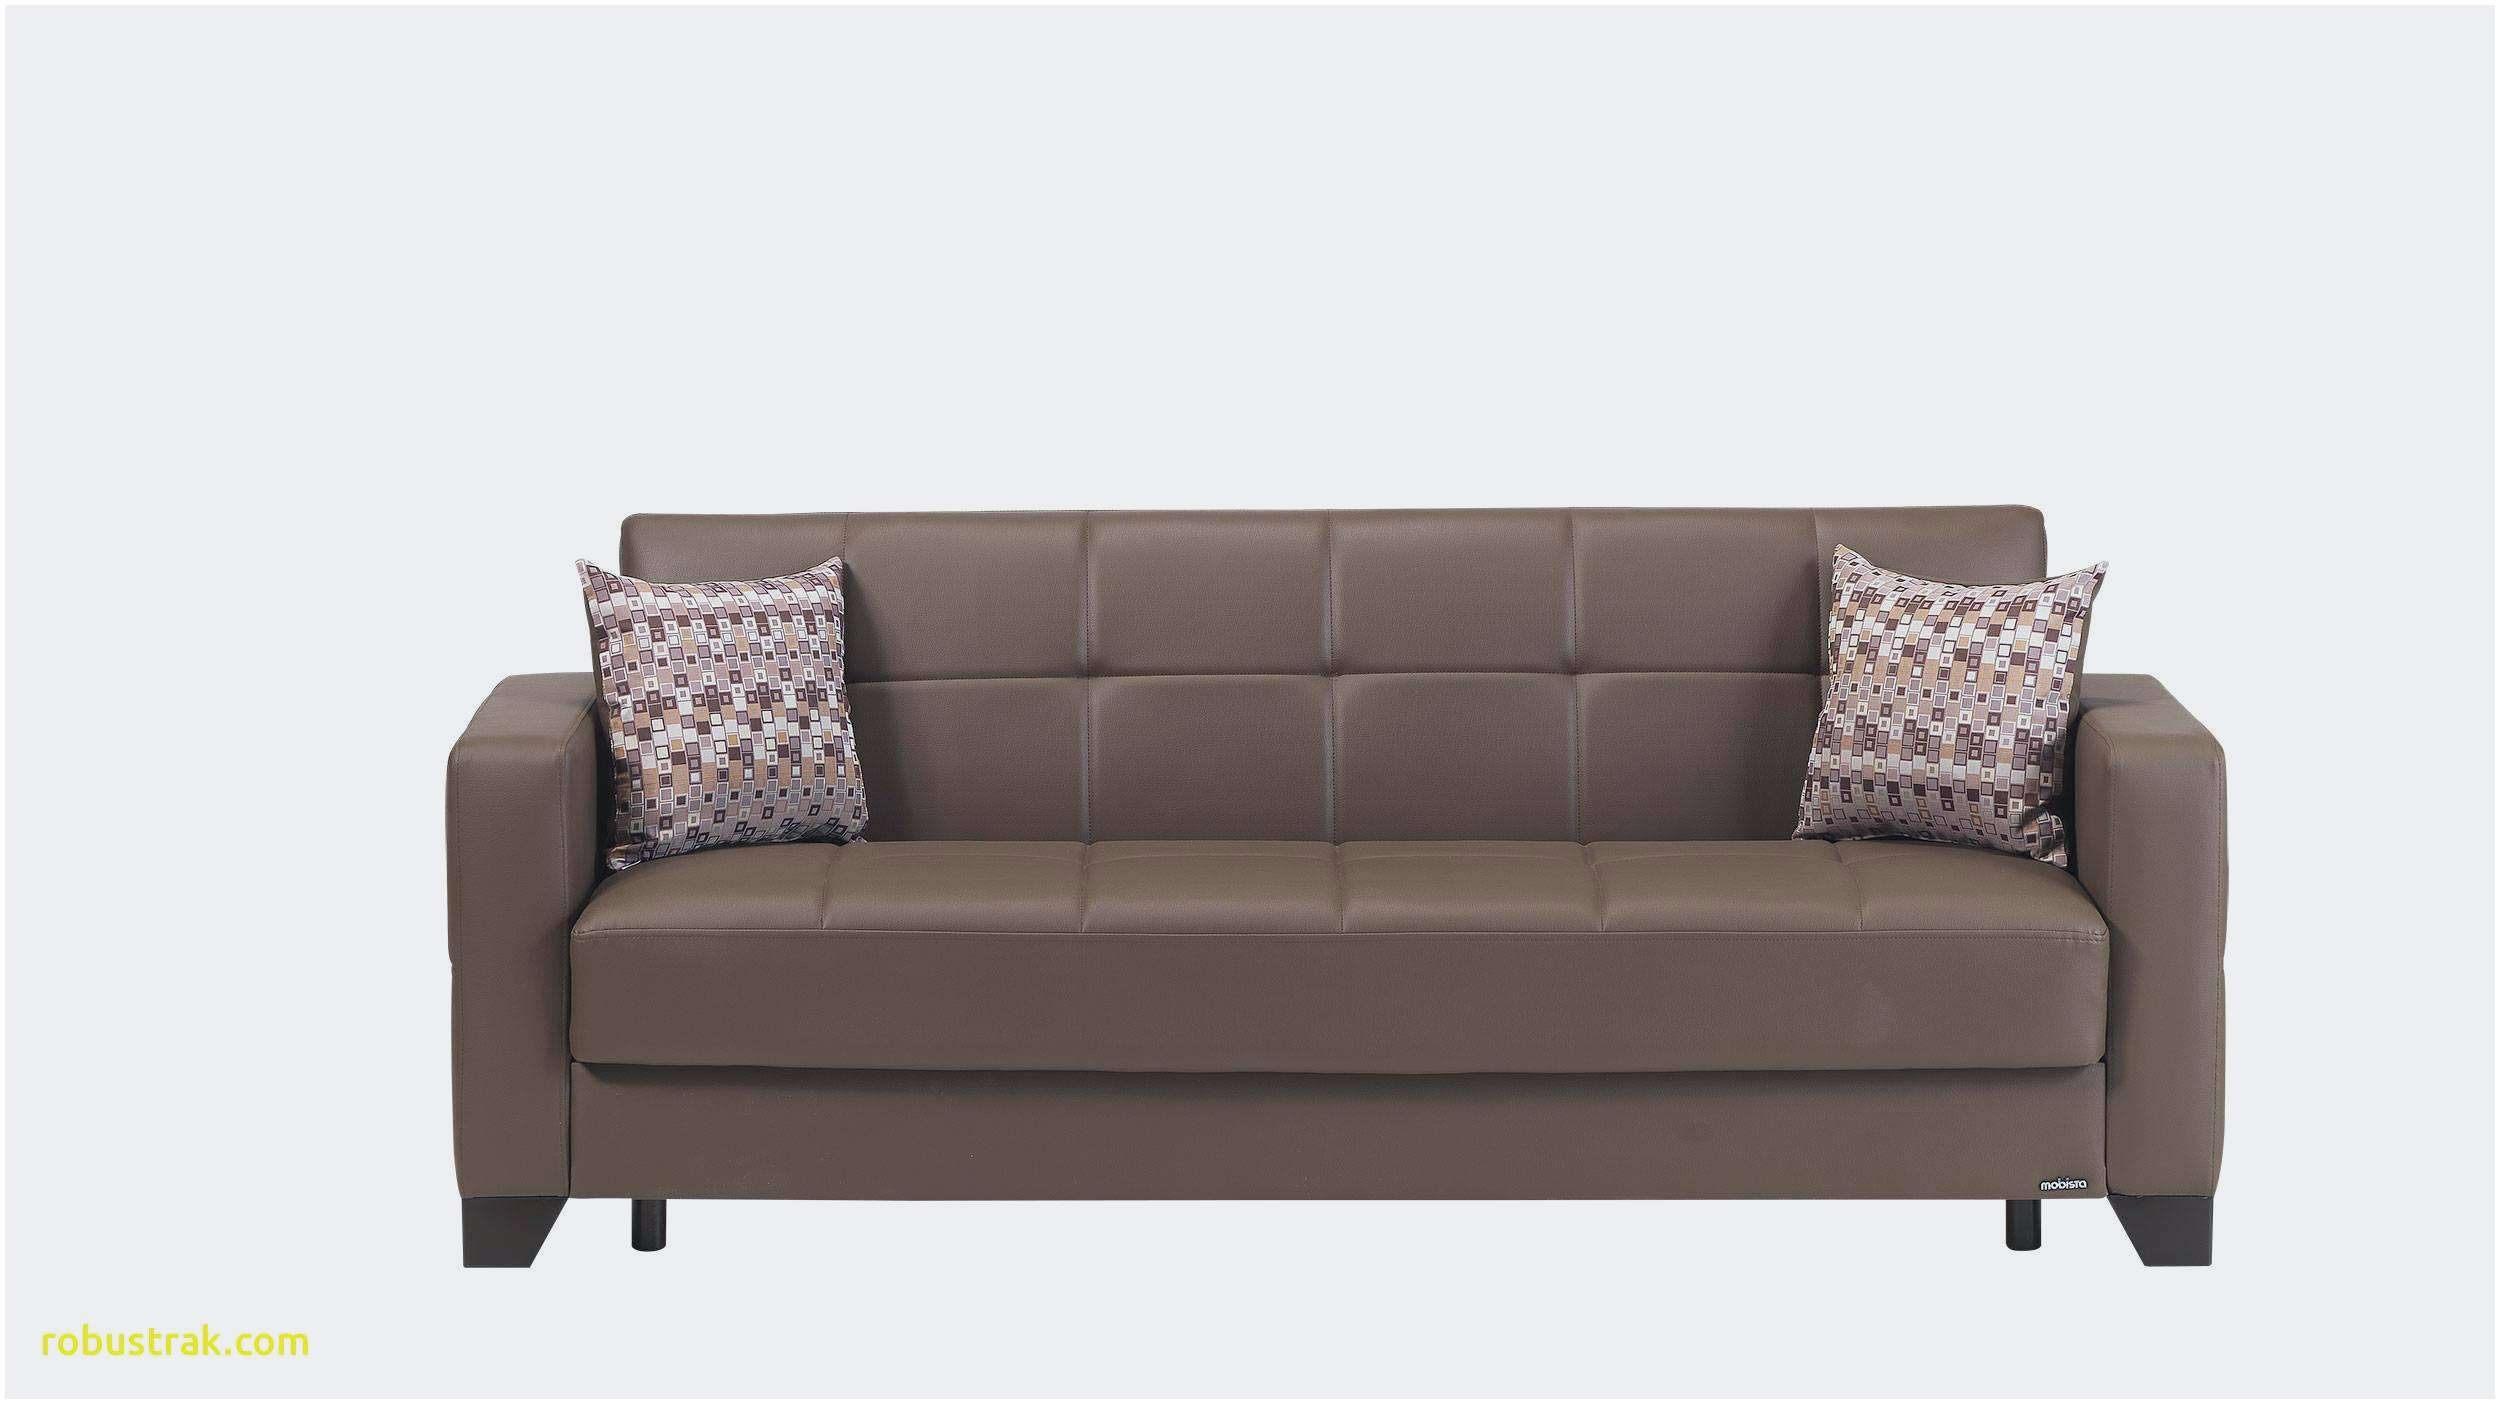 Unique sofa Mit Kissen Dekorieren — Yct Projekte Pour Choix Lino